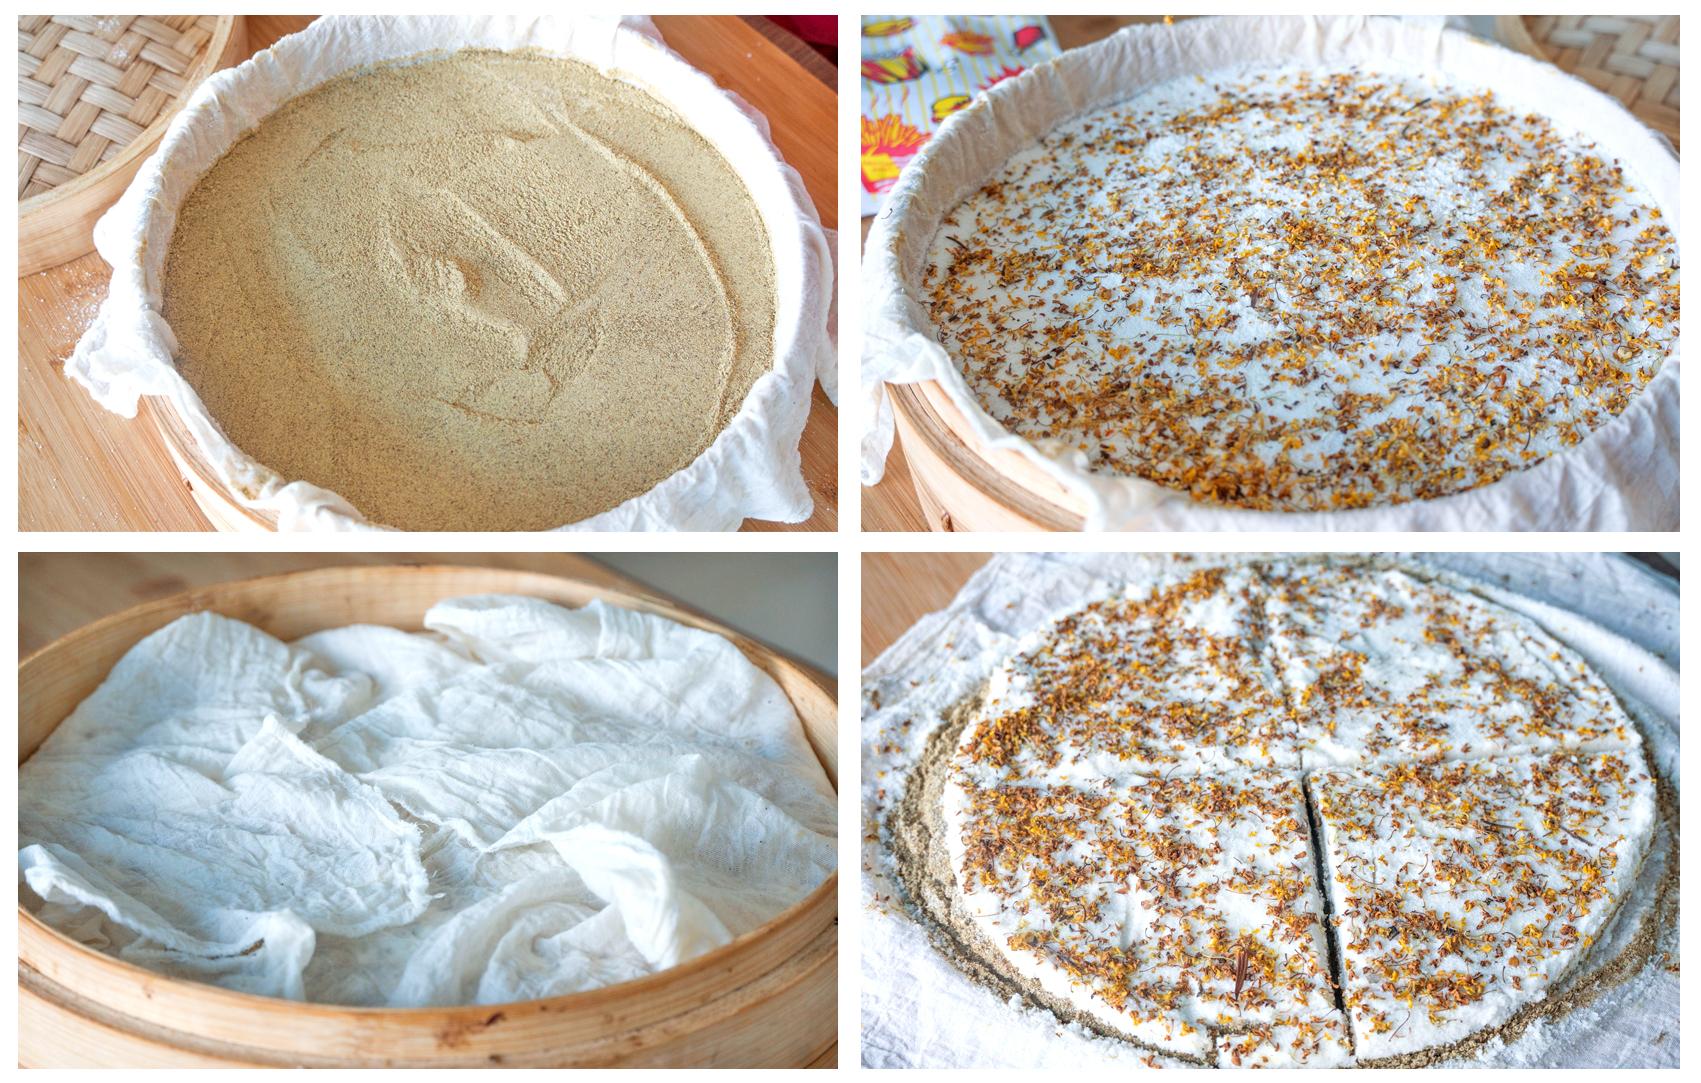 一包糯米粉,3種軟軟糯糯的美味,是主食也是點心,老人小孩都愛